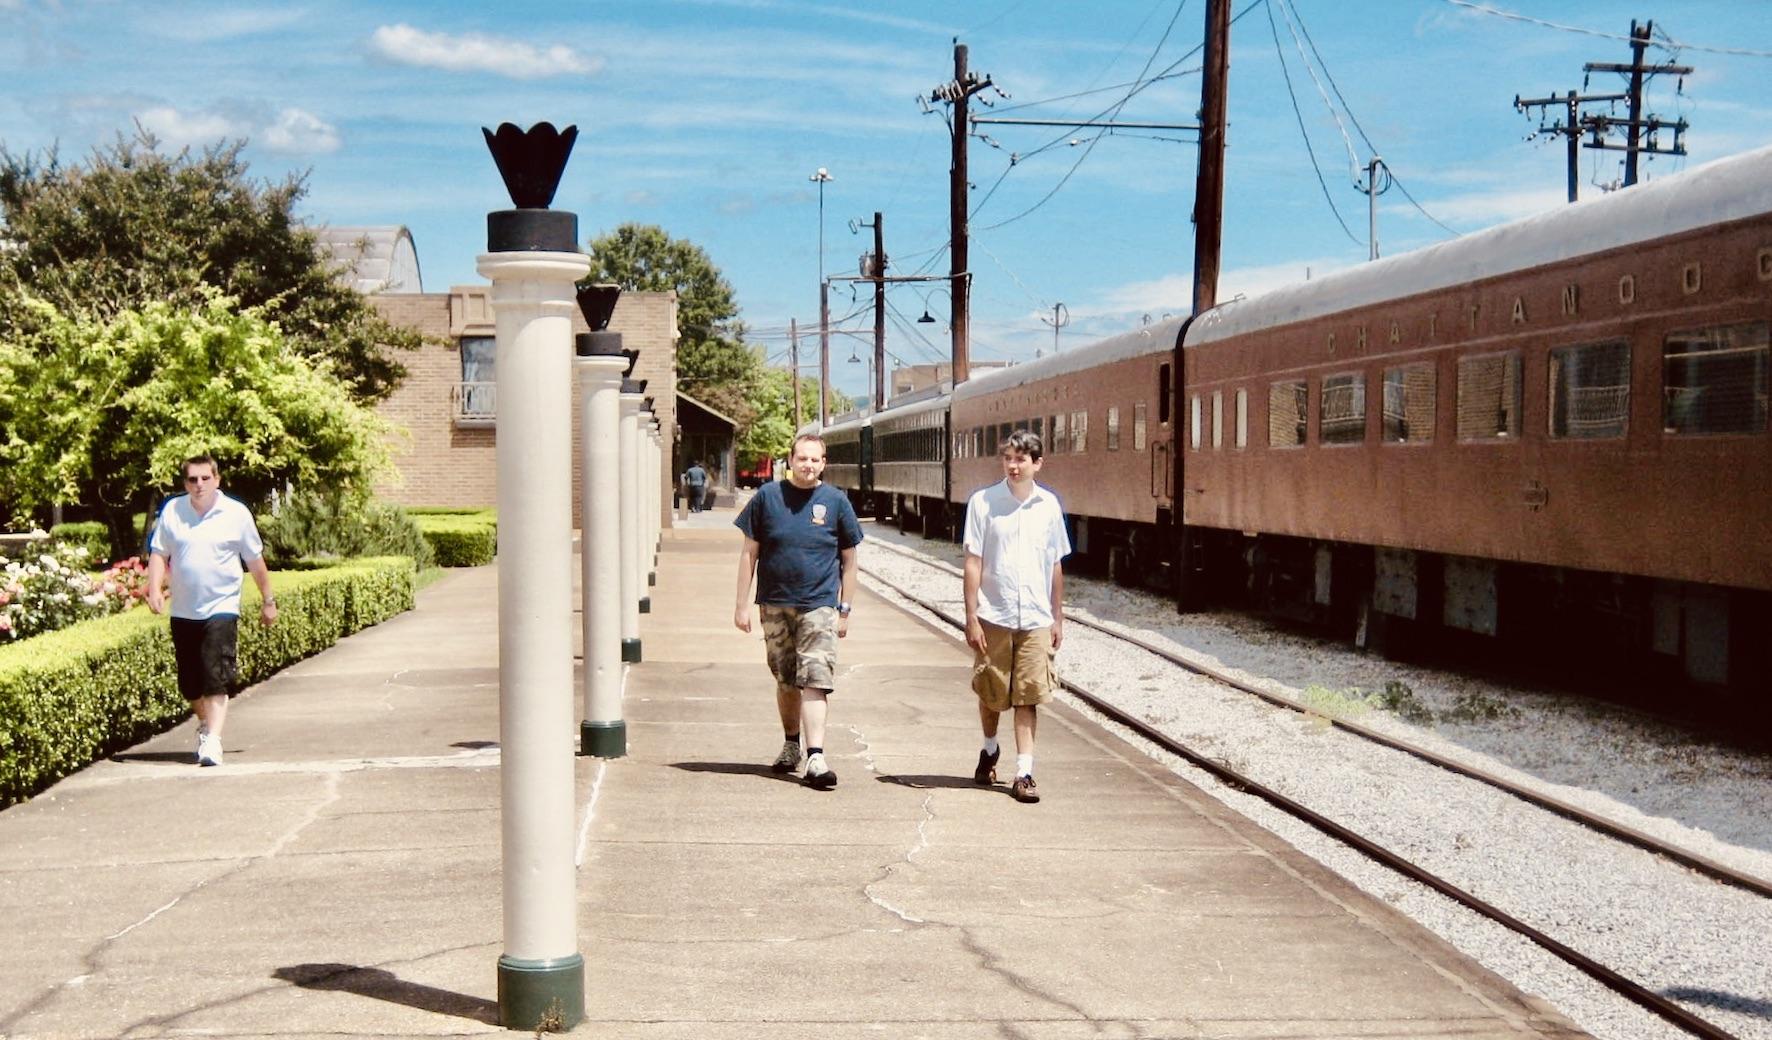 Chattanooga Nostalgia Restored Choo Choo railway car